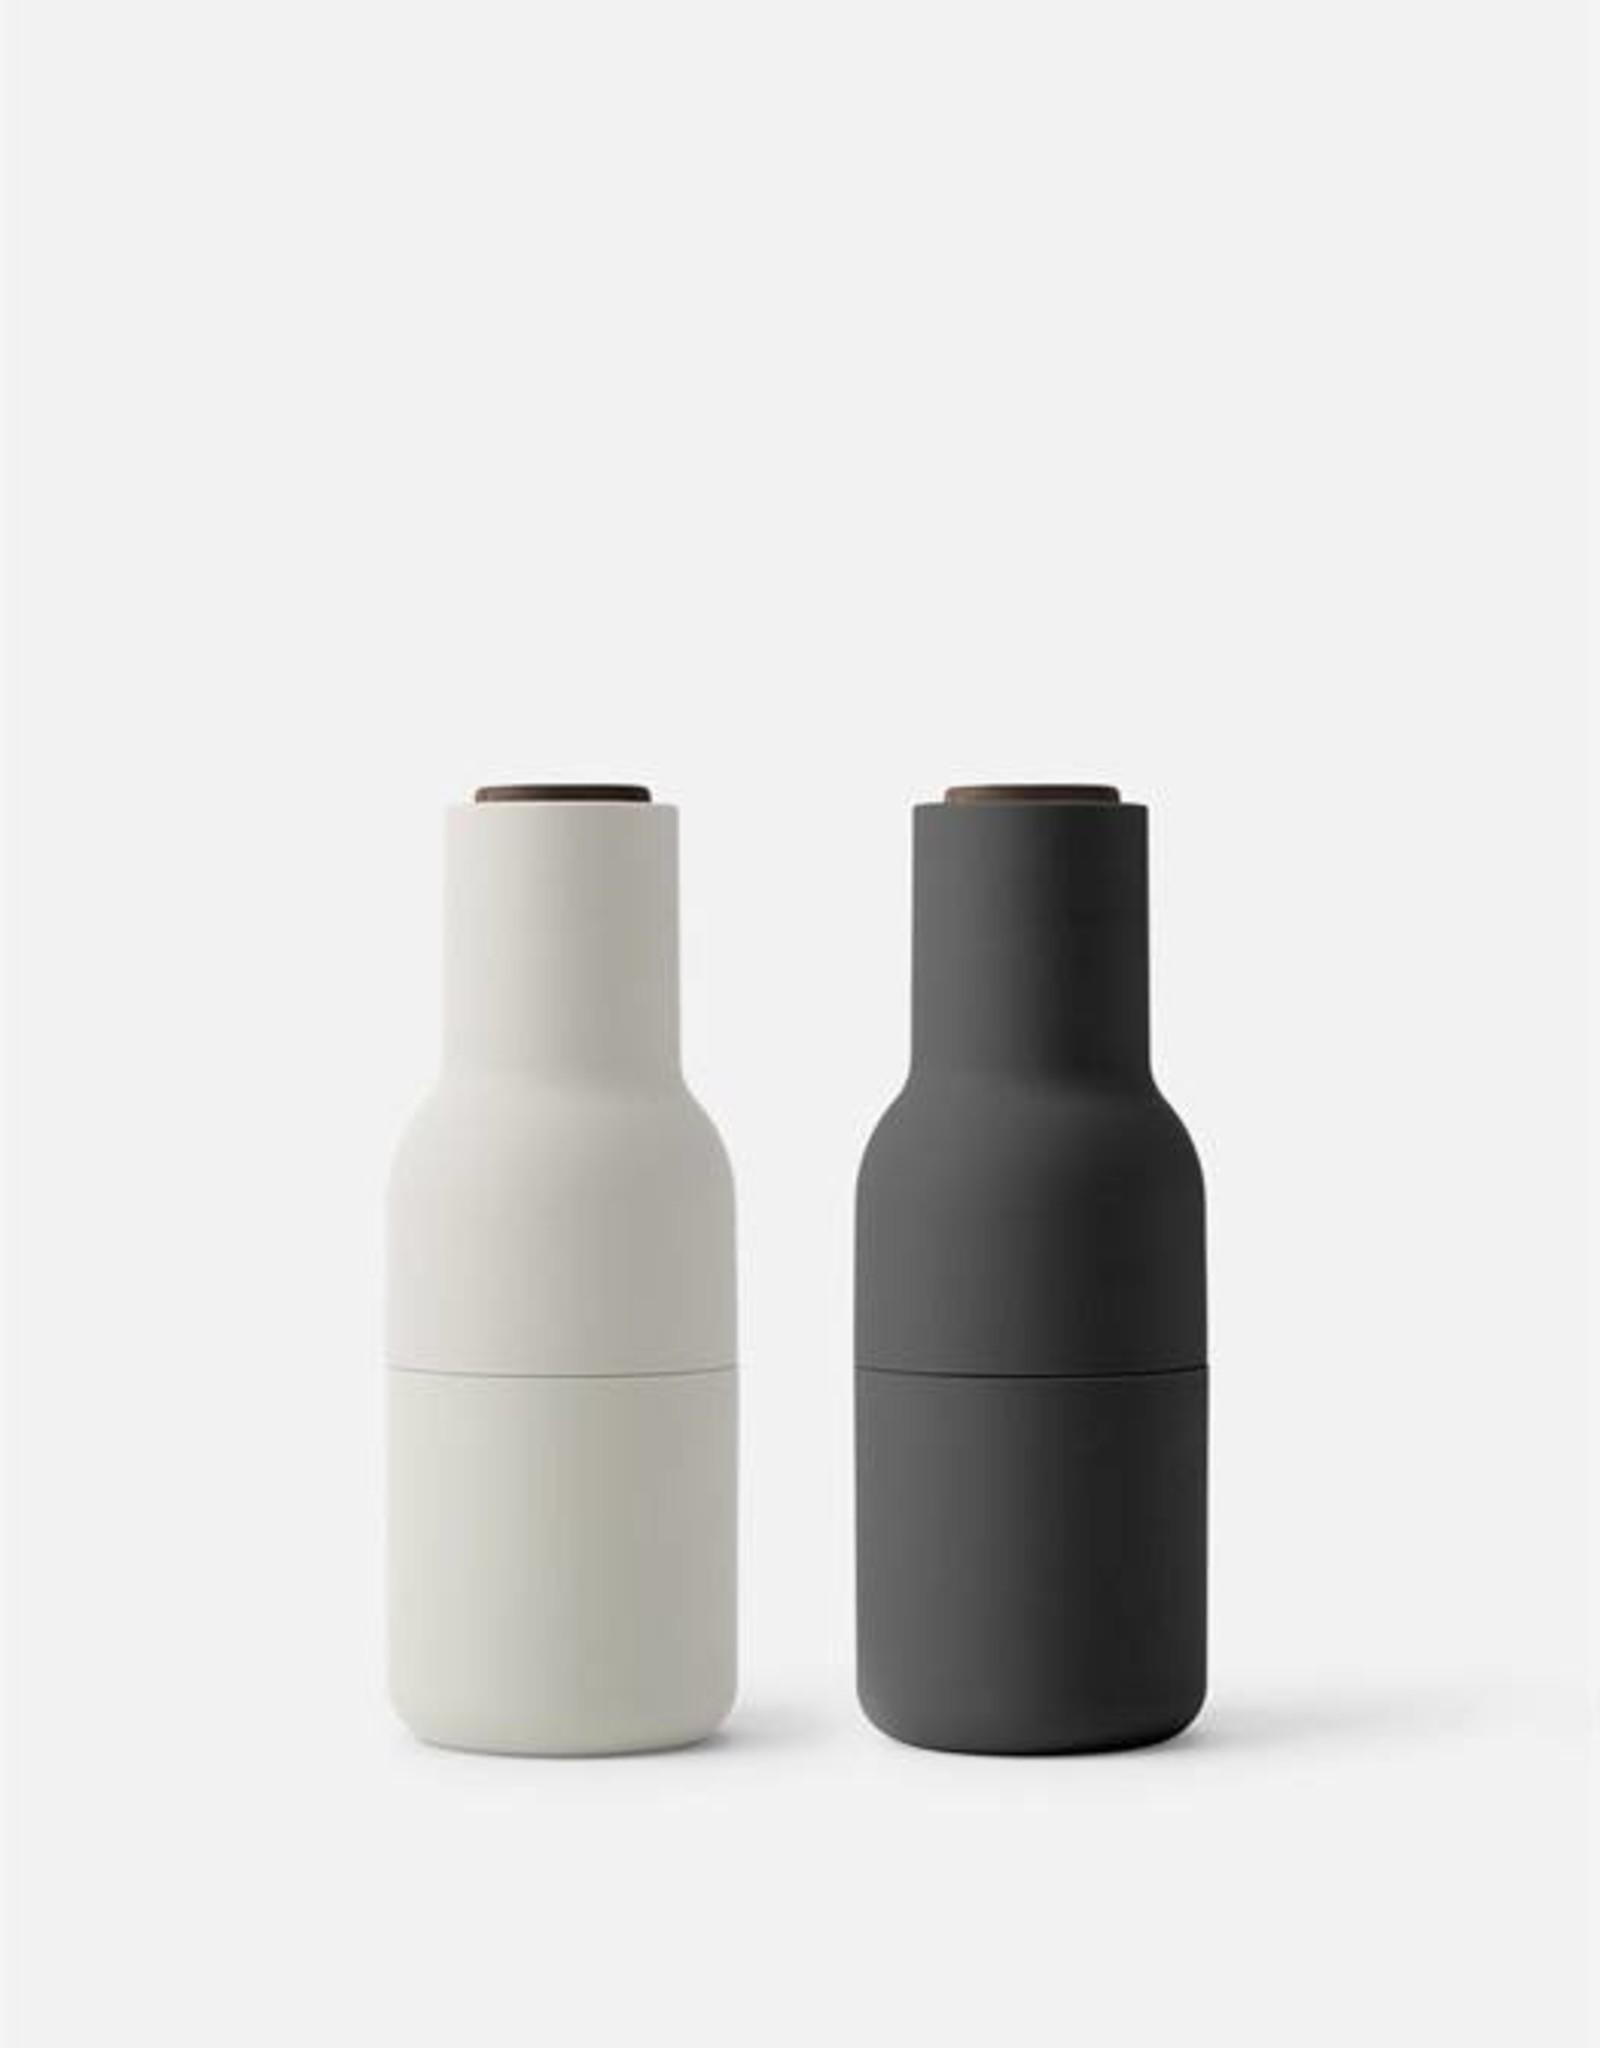 Menu Bottle Grinder - Carbon/Ash, Walnut Lid (Set of 2)